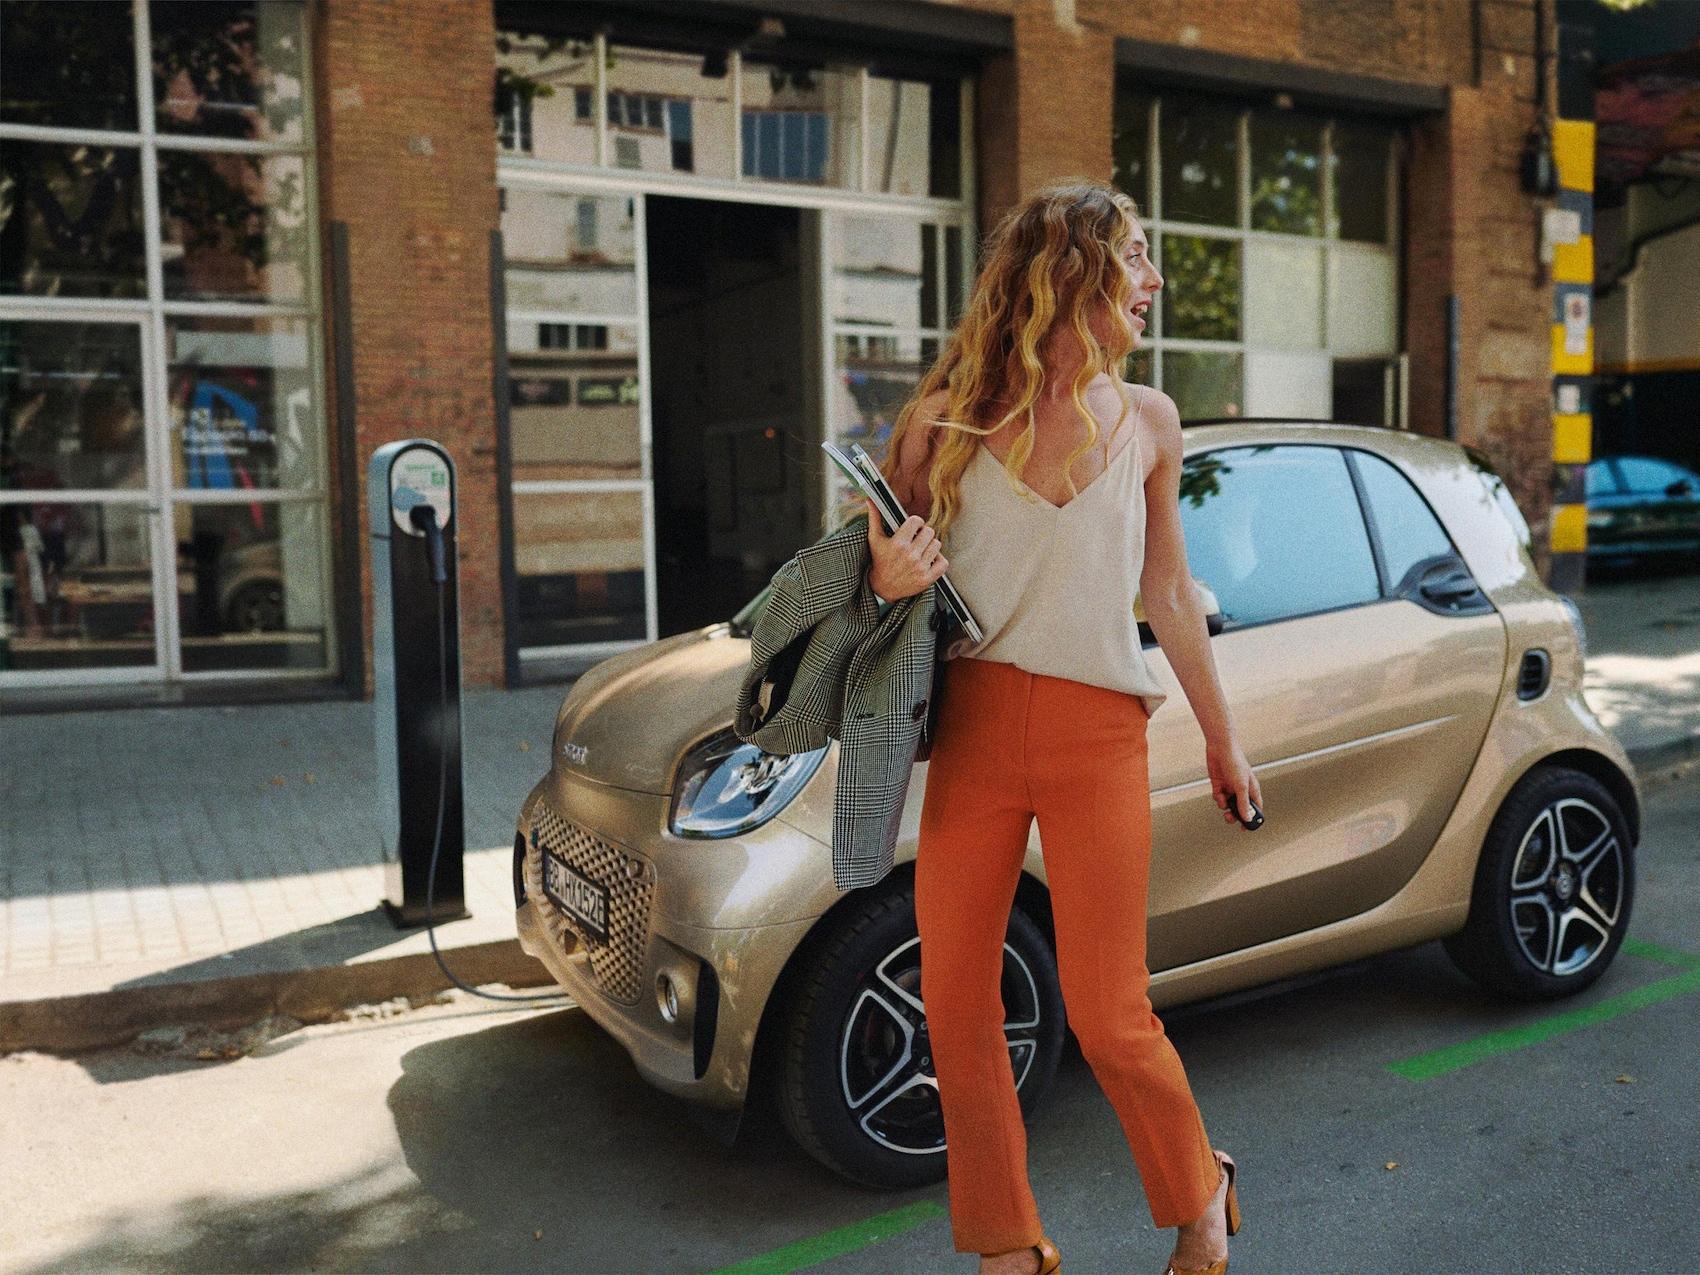 Ein smart EQ fortwo auf der Strasse mit Fußgängern.